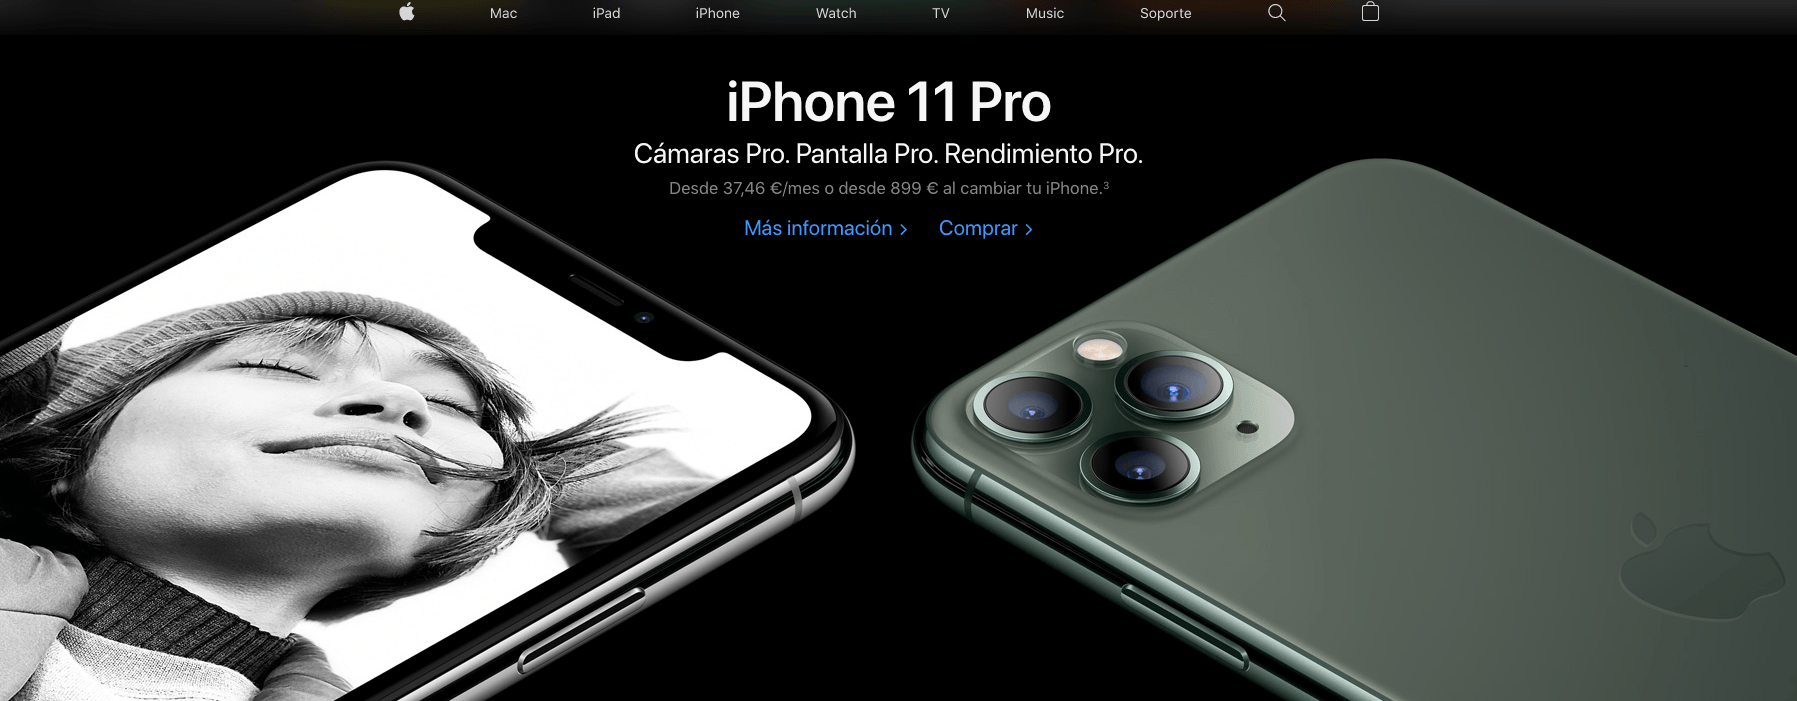 Minimalismo y diseño atractivo - Asociaciones de la imagen corporativa de Apple.